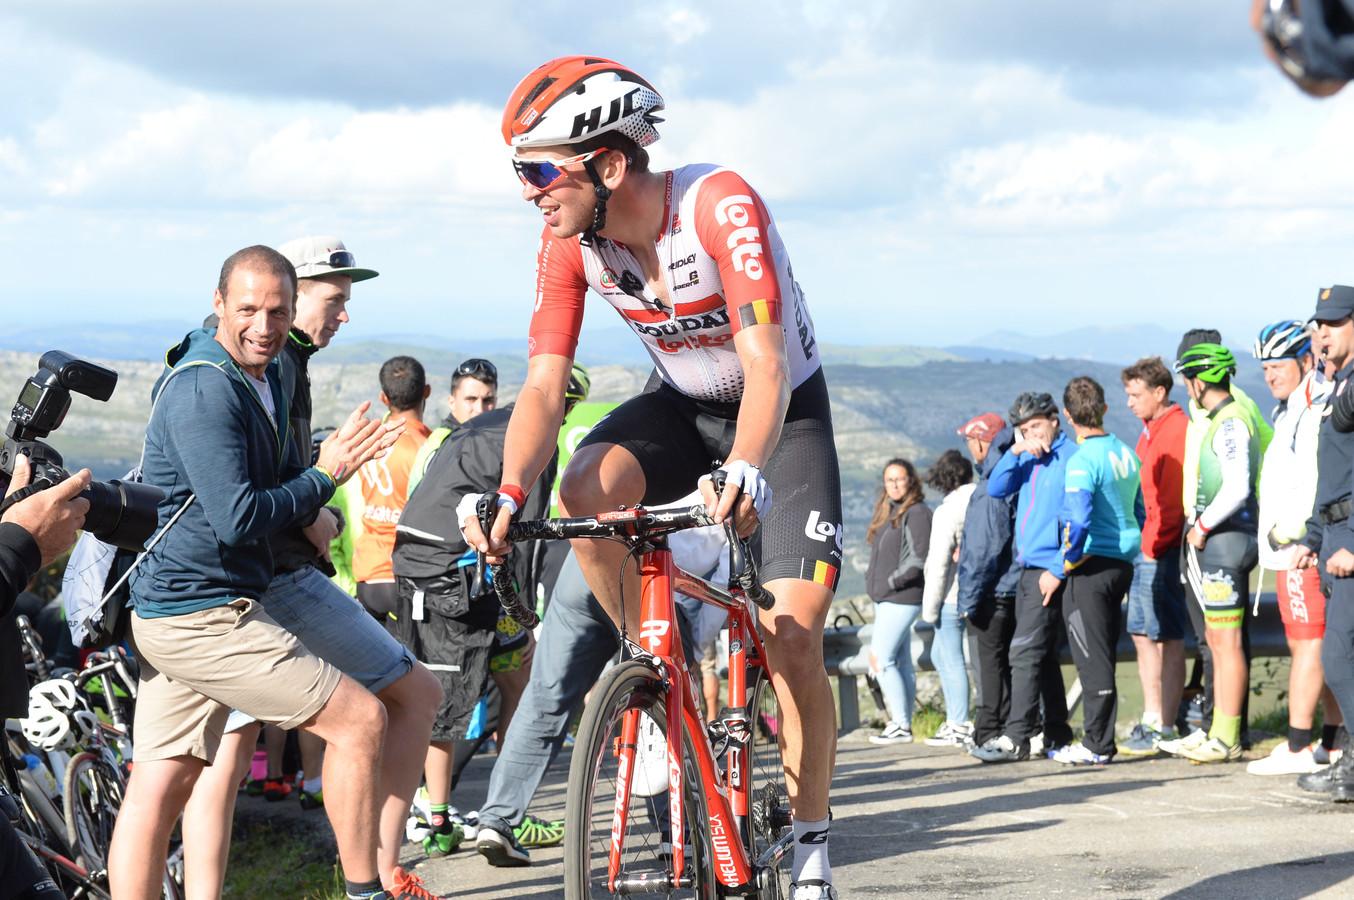 Van Goethem in actie in de Ronde van Spanje 2019, de enige grote ronde die hij reed.